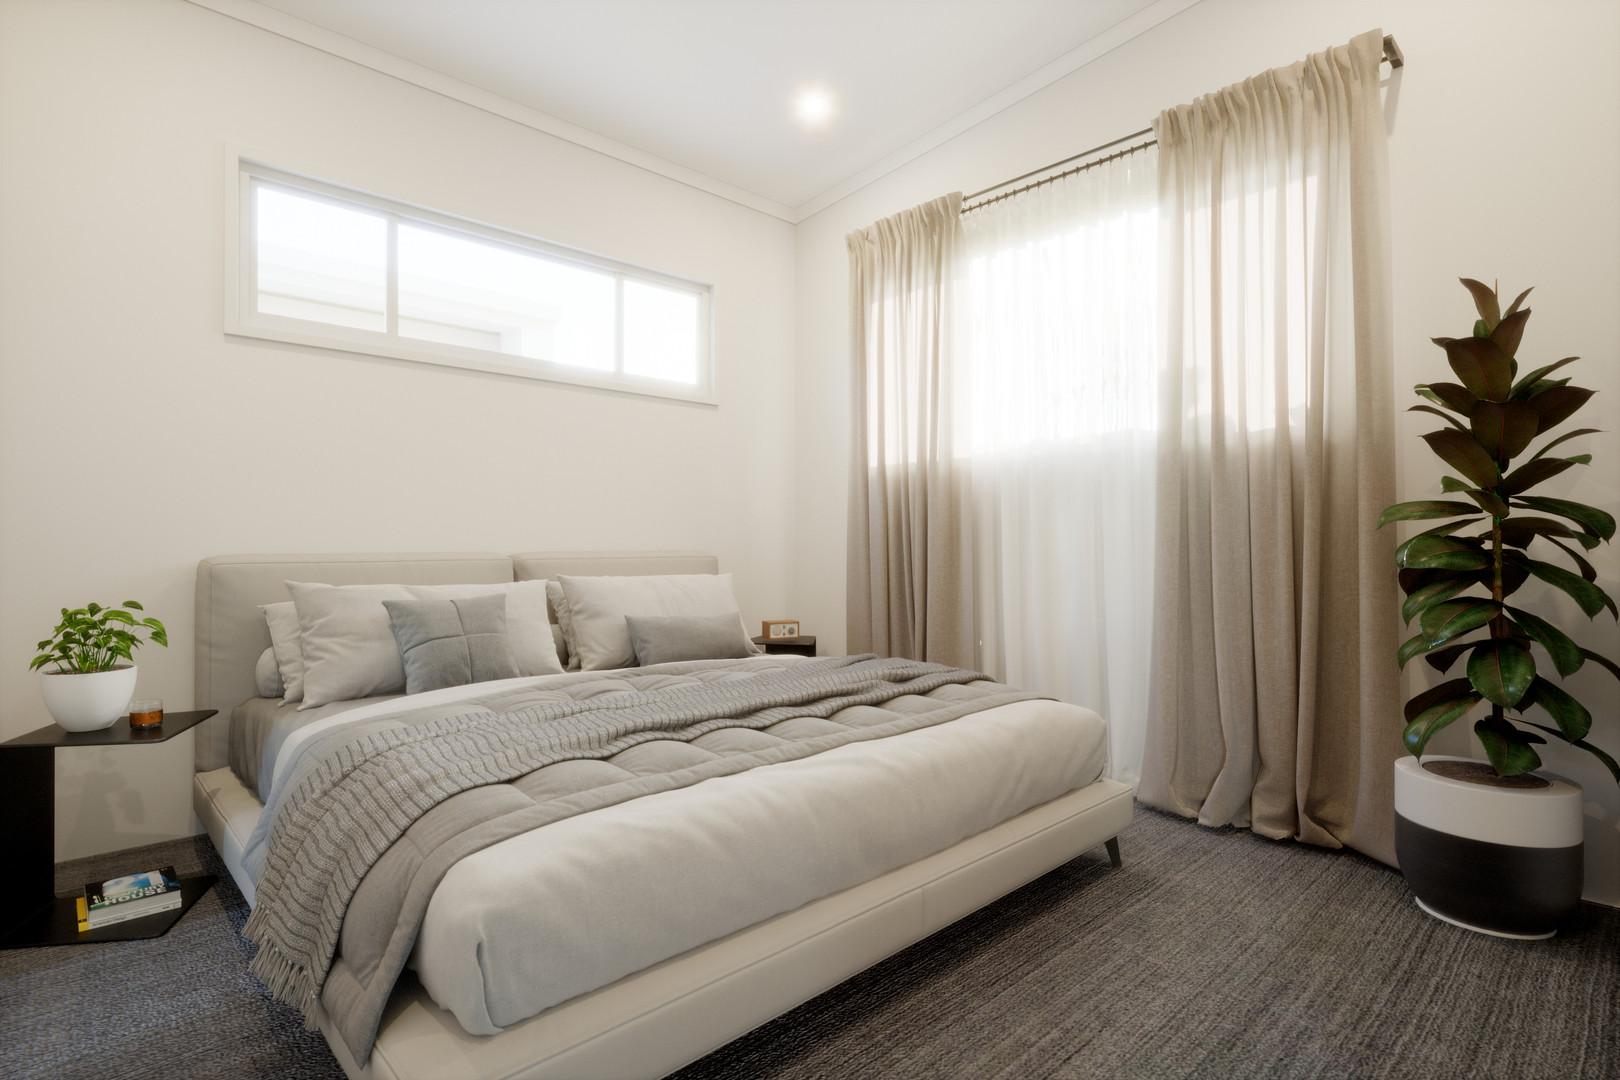 Bedroom_HR_01.jpg